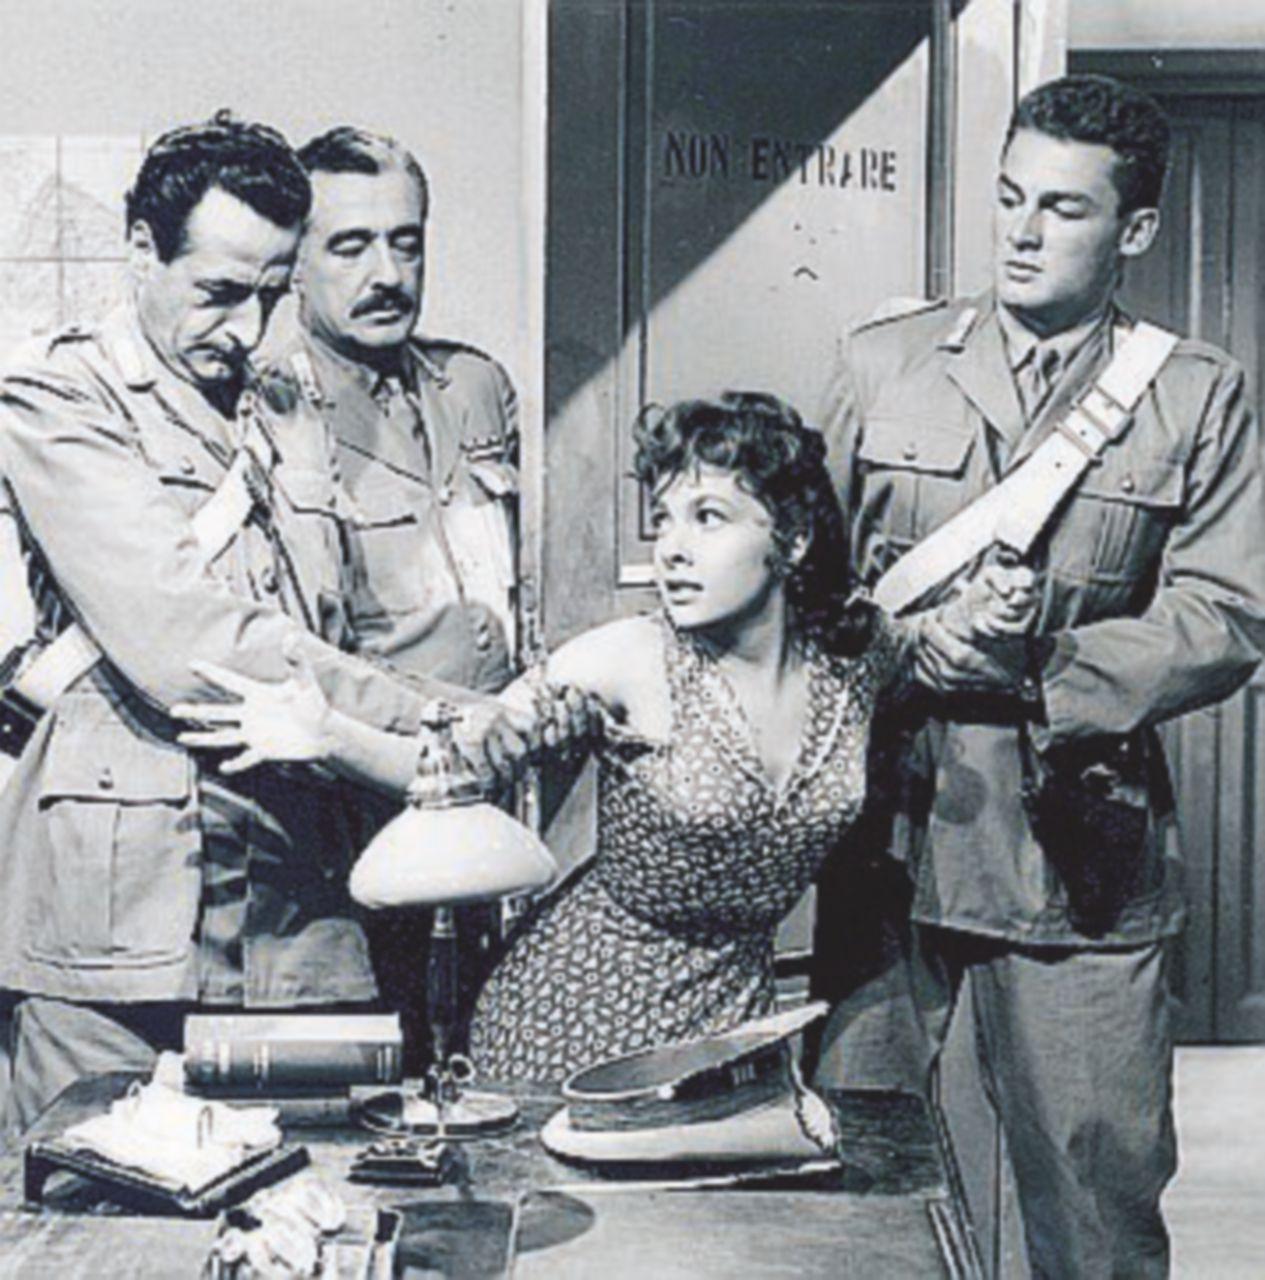 Pane, amore e carabinieri nel loro compleanno